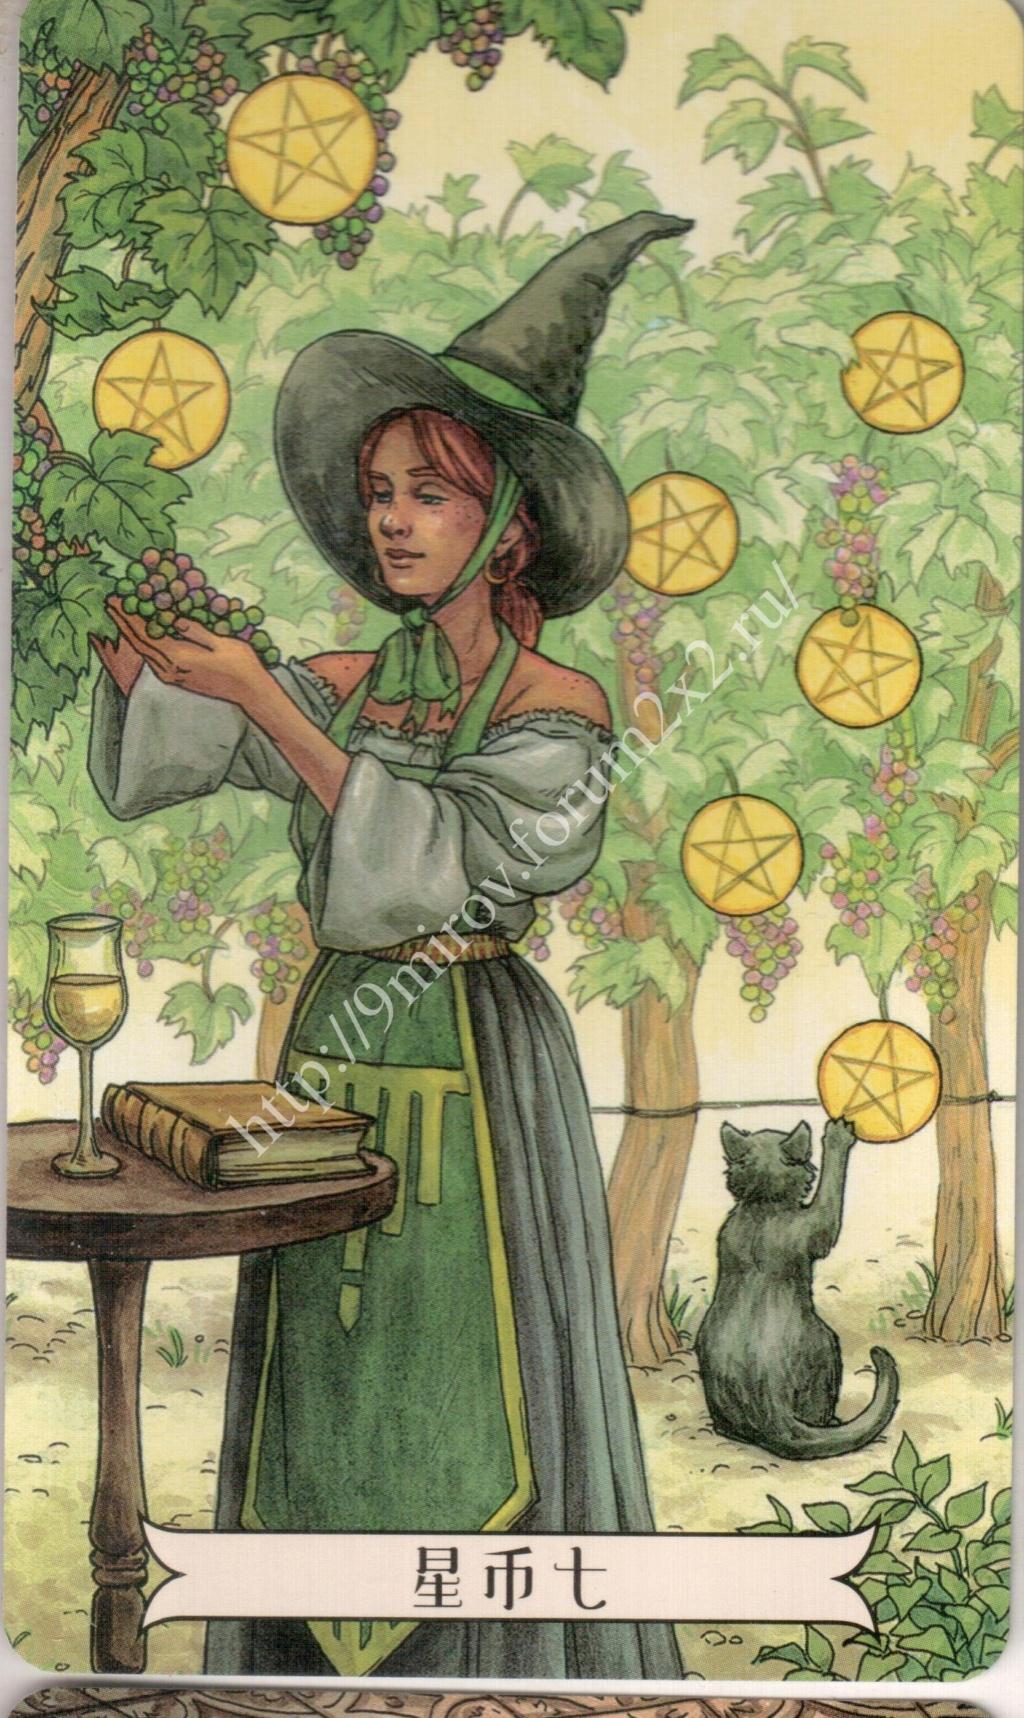 """""""Ведьма каждый день"""" (Ведьма день за днем, Everyday Witch Tarot). Китайская версия. Галерея.   Waterm27"""